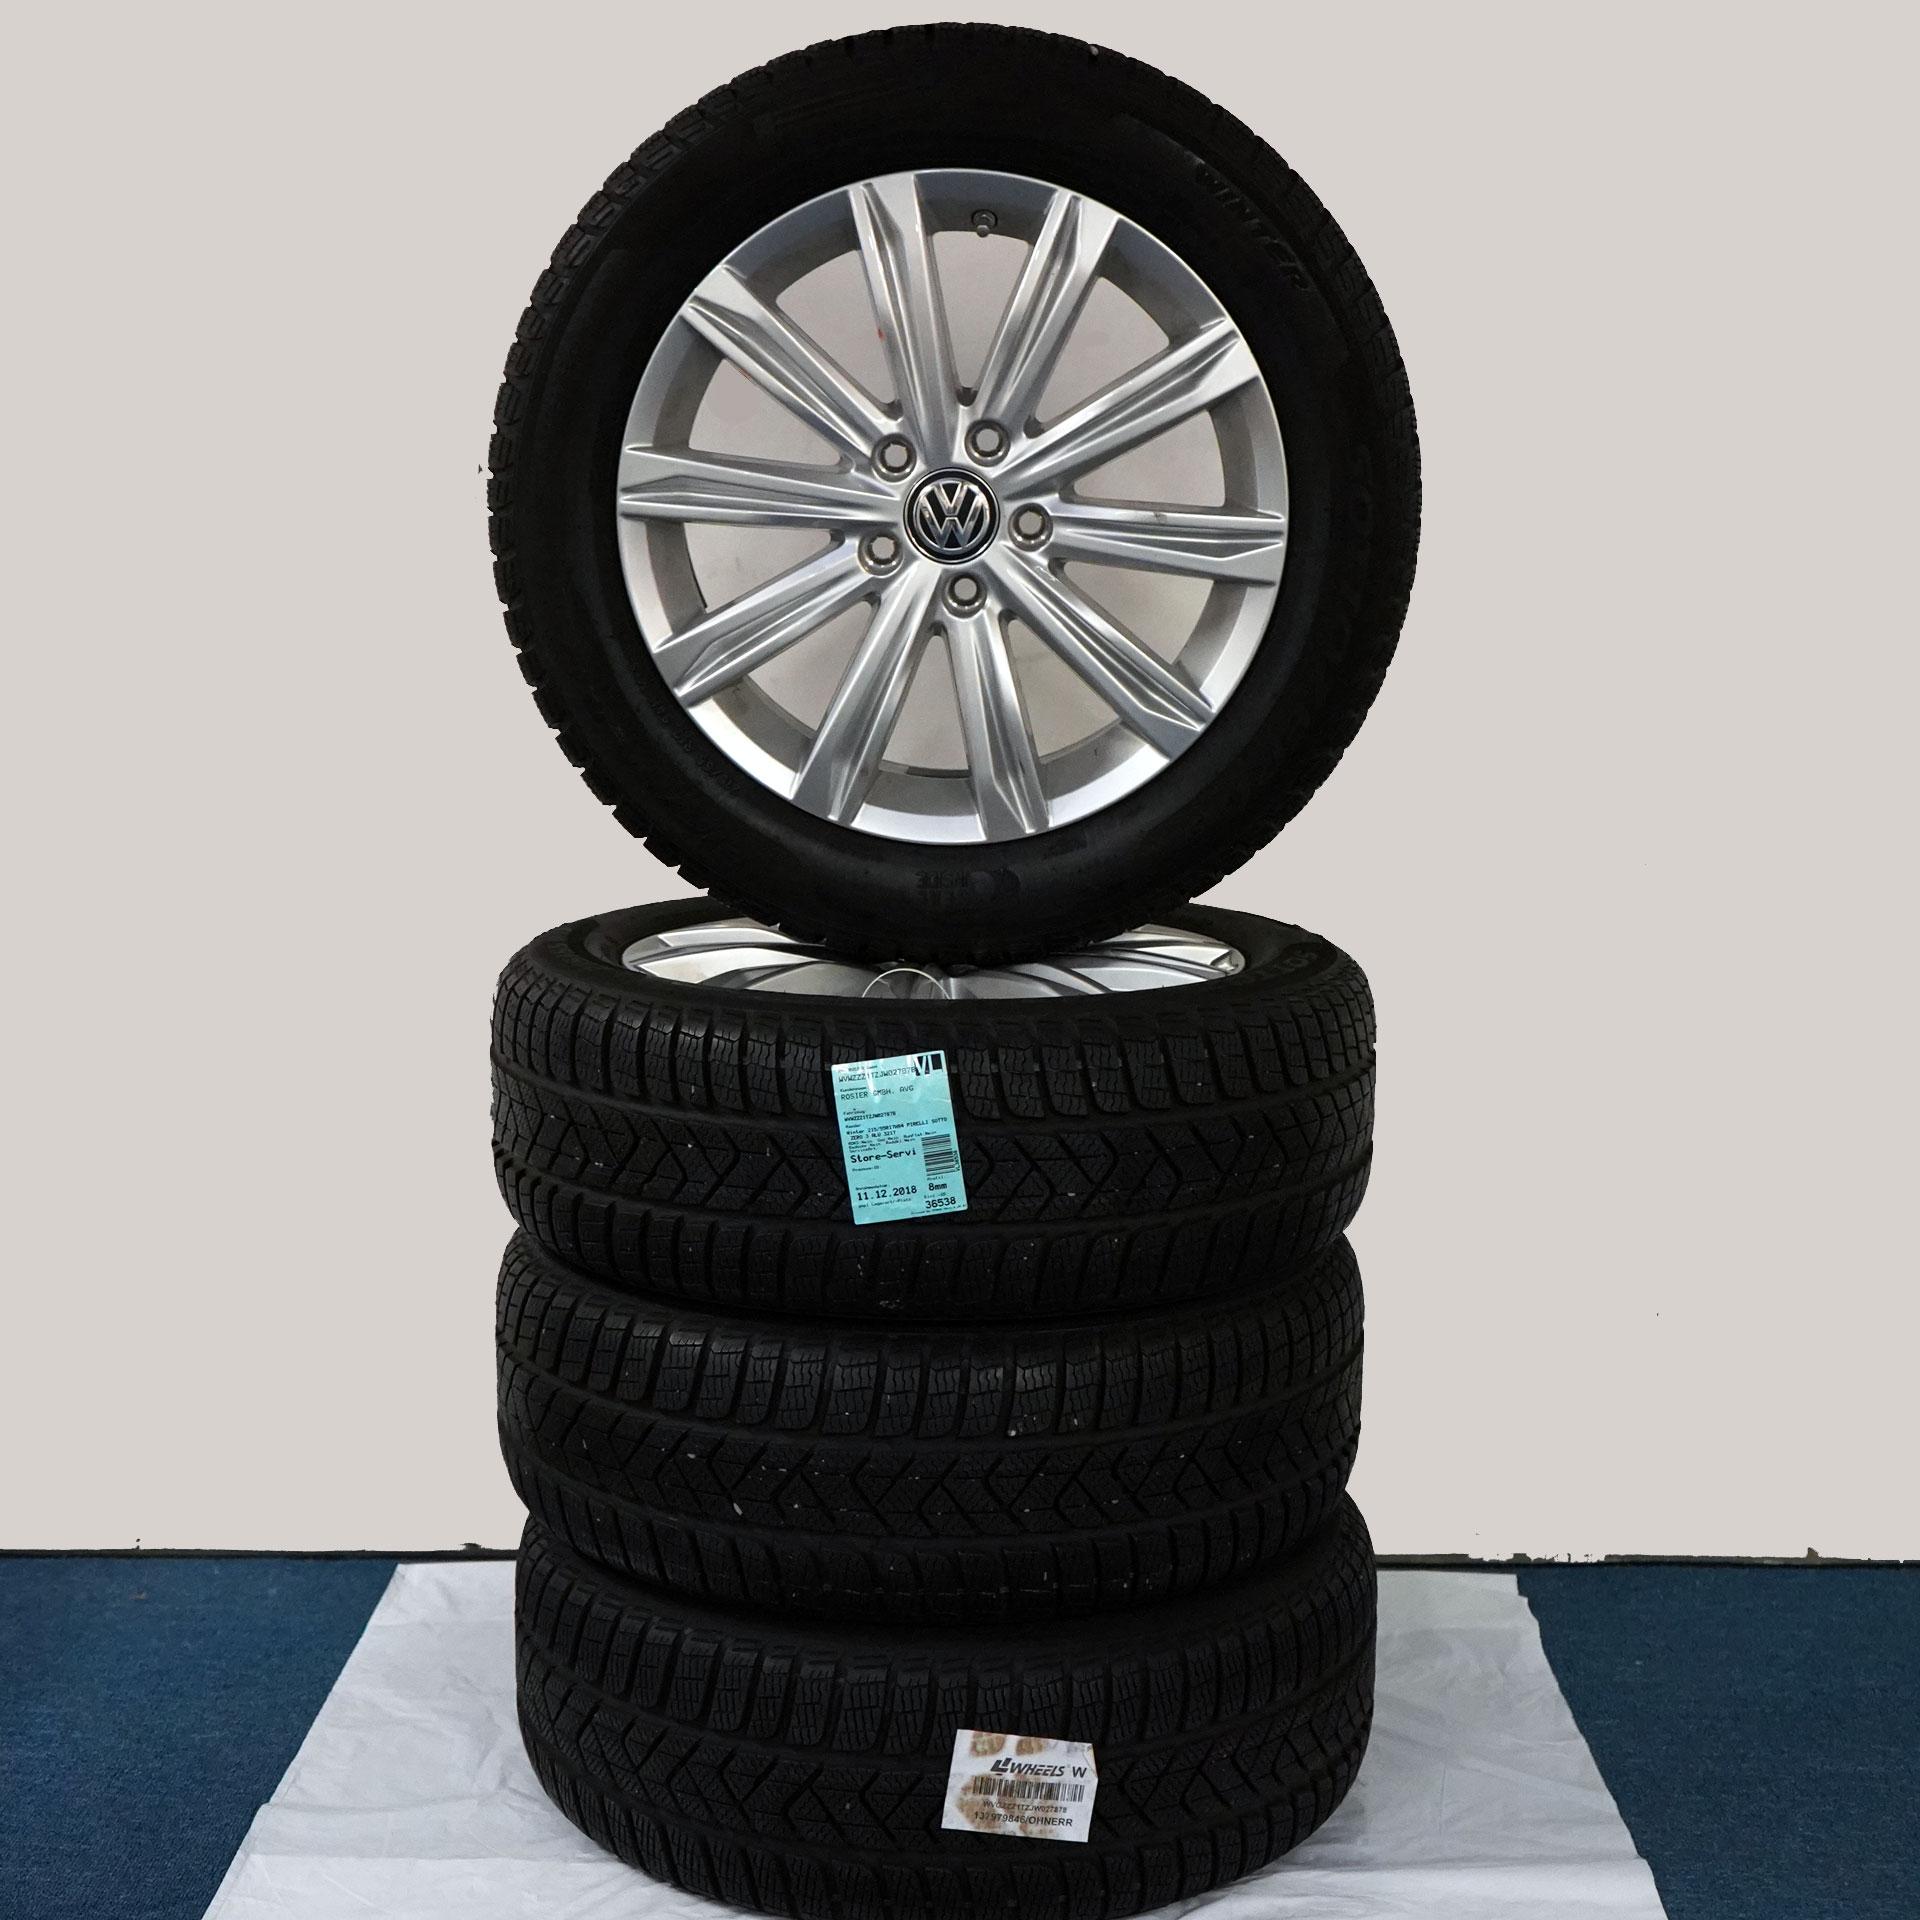 Gebrauchter 17 Zoll Original Volkswagen Winterkomplettrad-Satz VW Touran Pirelli